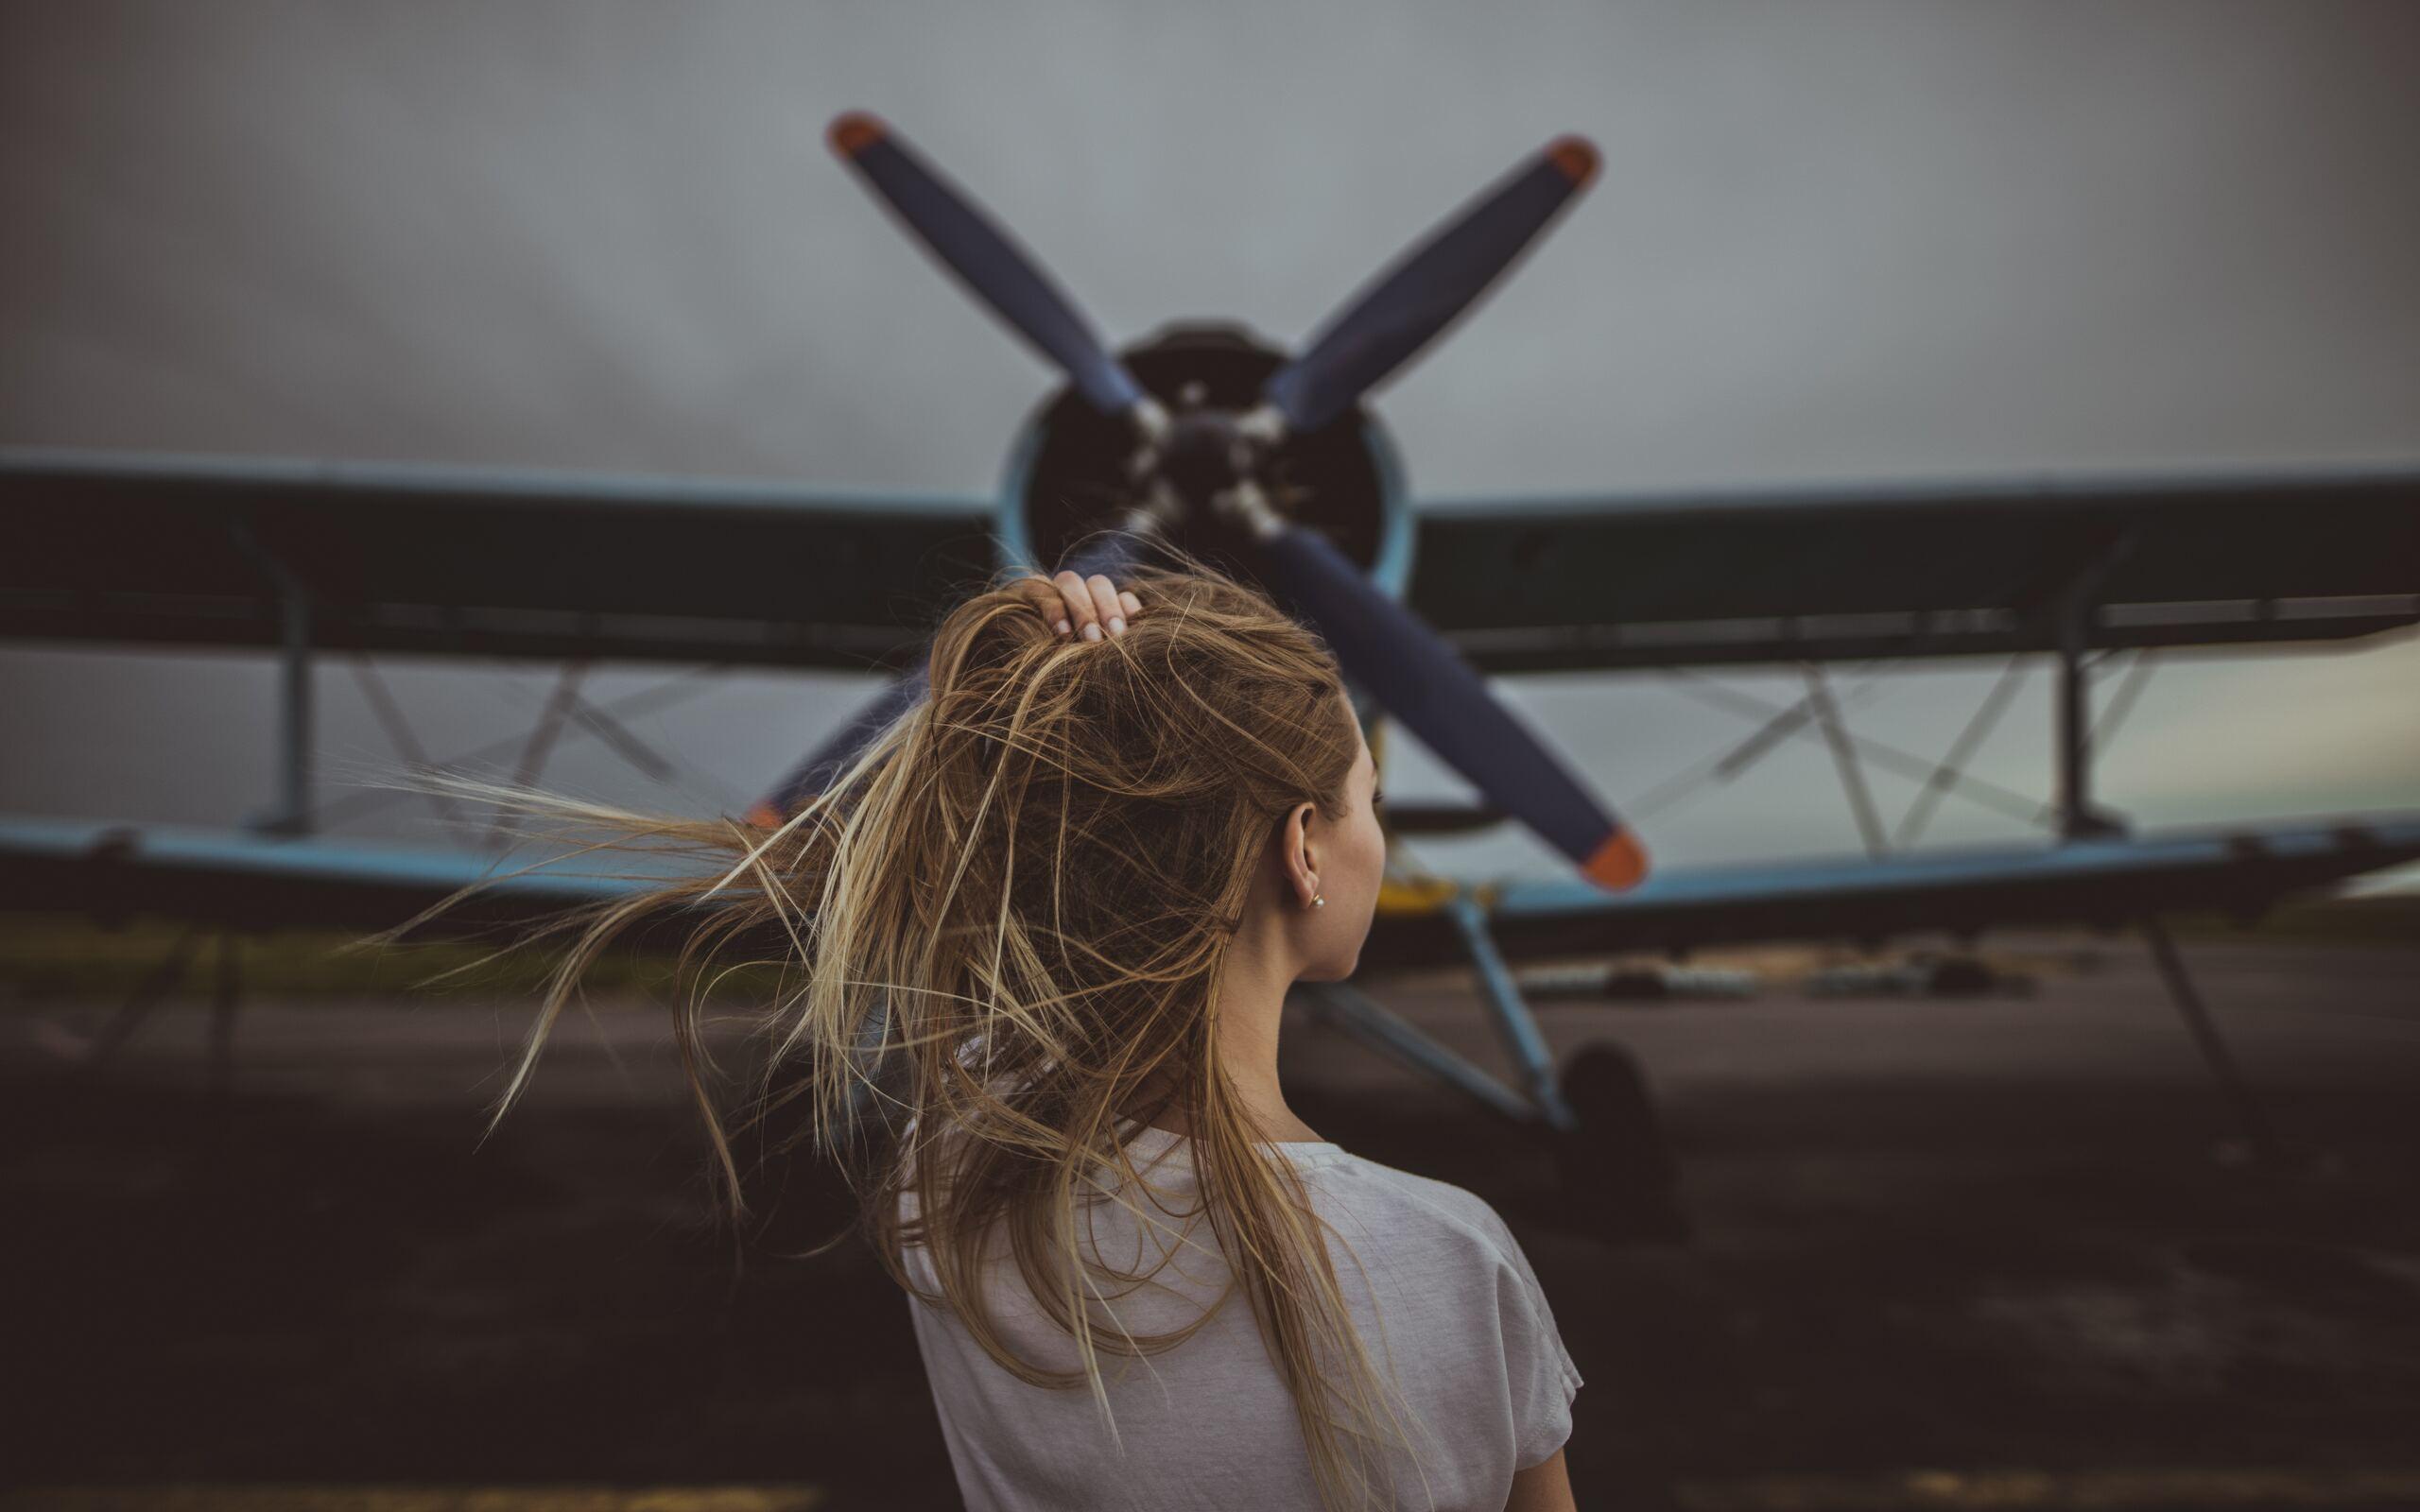 women-hands-in-hair-standing-in-front-of-plane-5k-oc.jpg